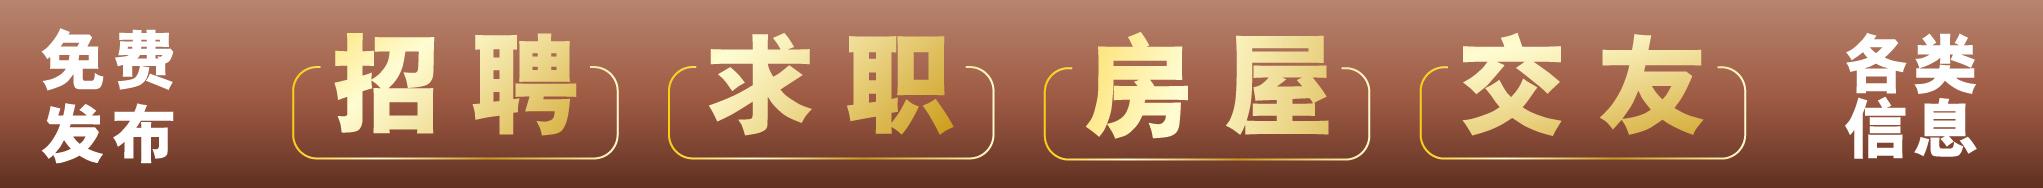 芜湖人才网